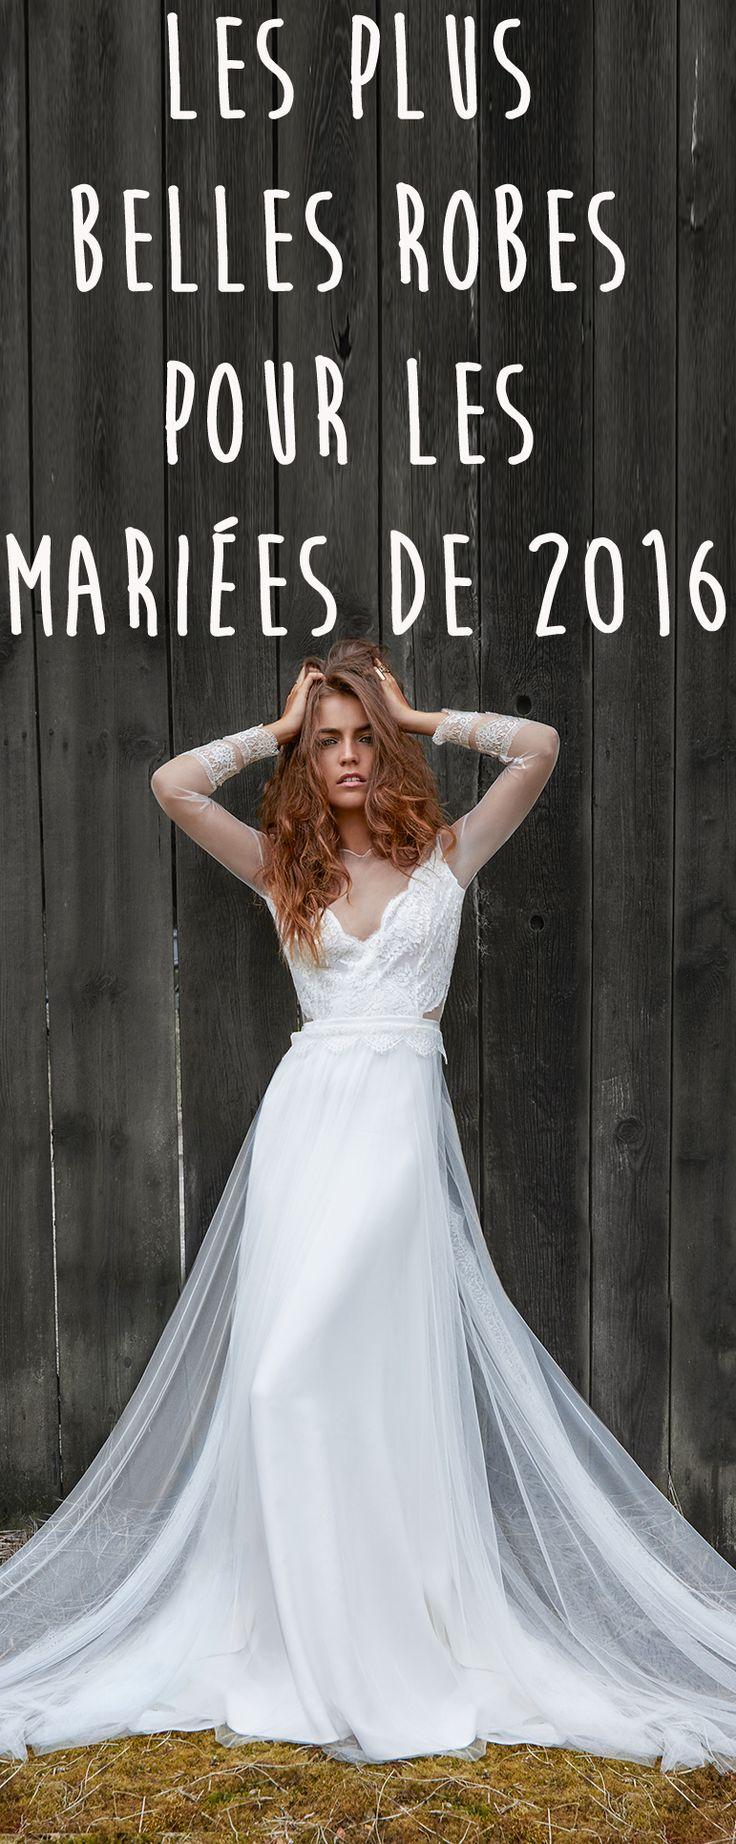 A vous les robes de mariée, chère future mariée de 2016.